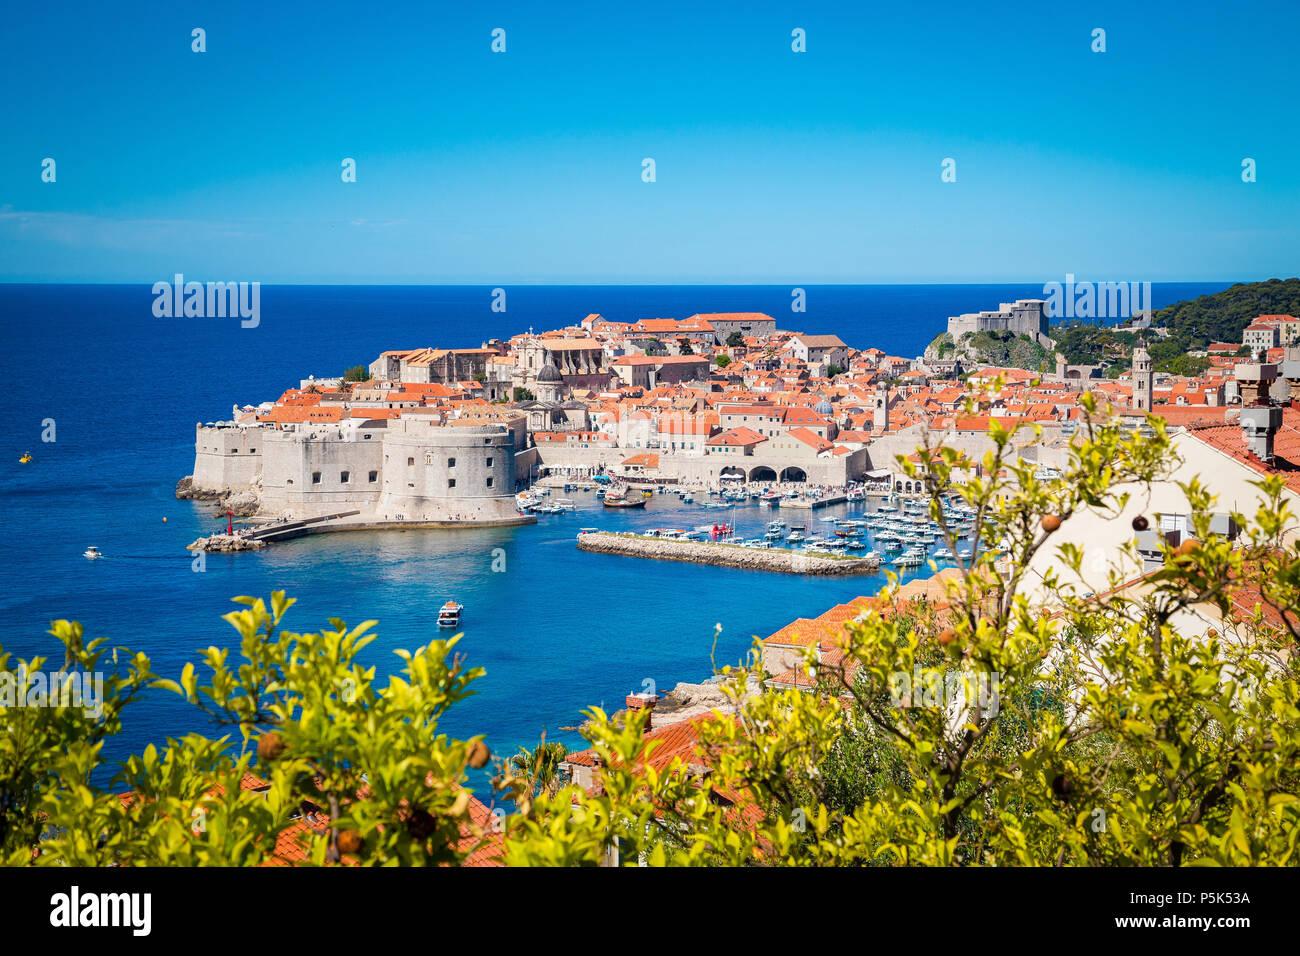 Panoramablick auf das luftbild der Altstadt von Dubrovnik, eines der bekanntesten touristischen Destinationen im Mittelmeer, von Srt Berg auf einem Stockbild